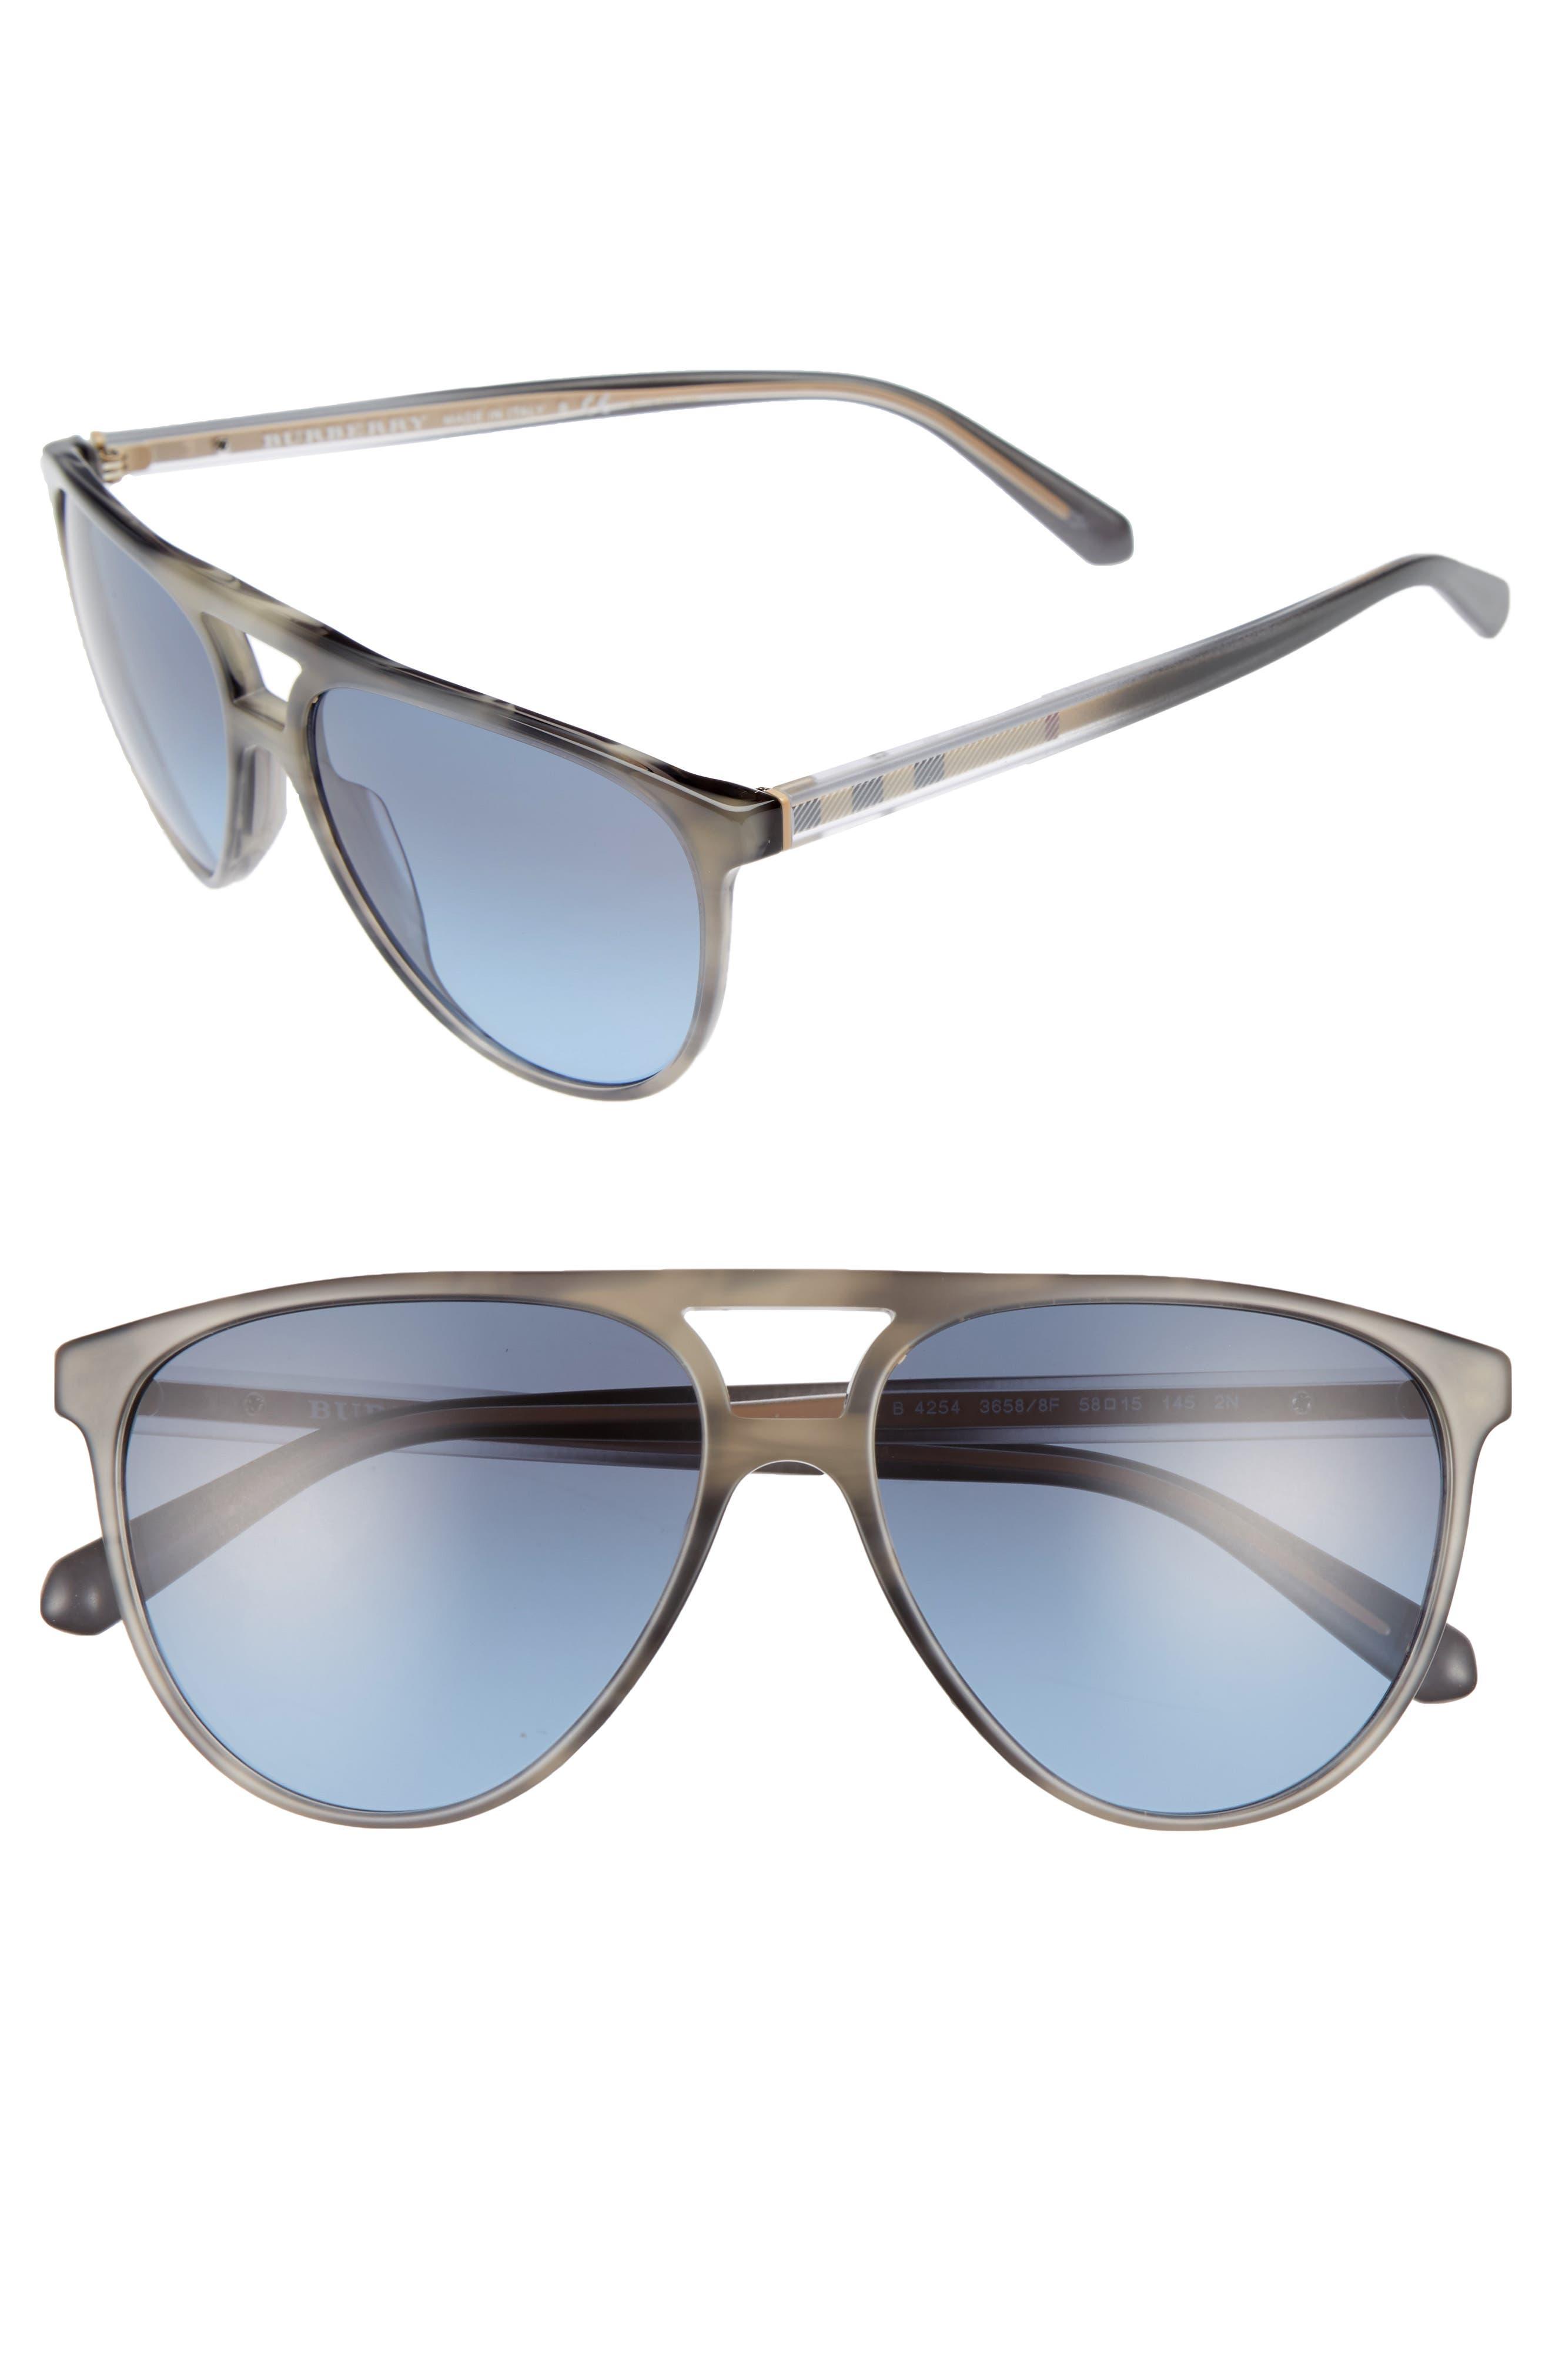 58mm Aviator Sunglasses,                         Main,                         color, Grey/ Blue